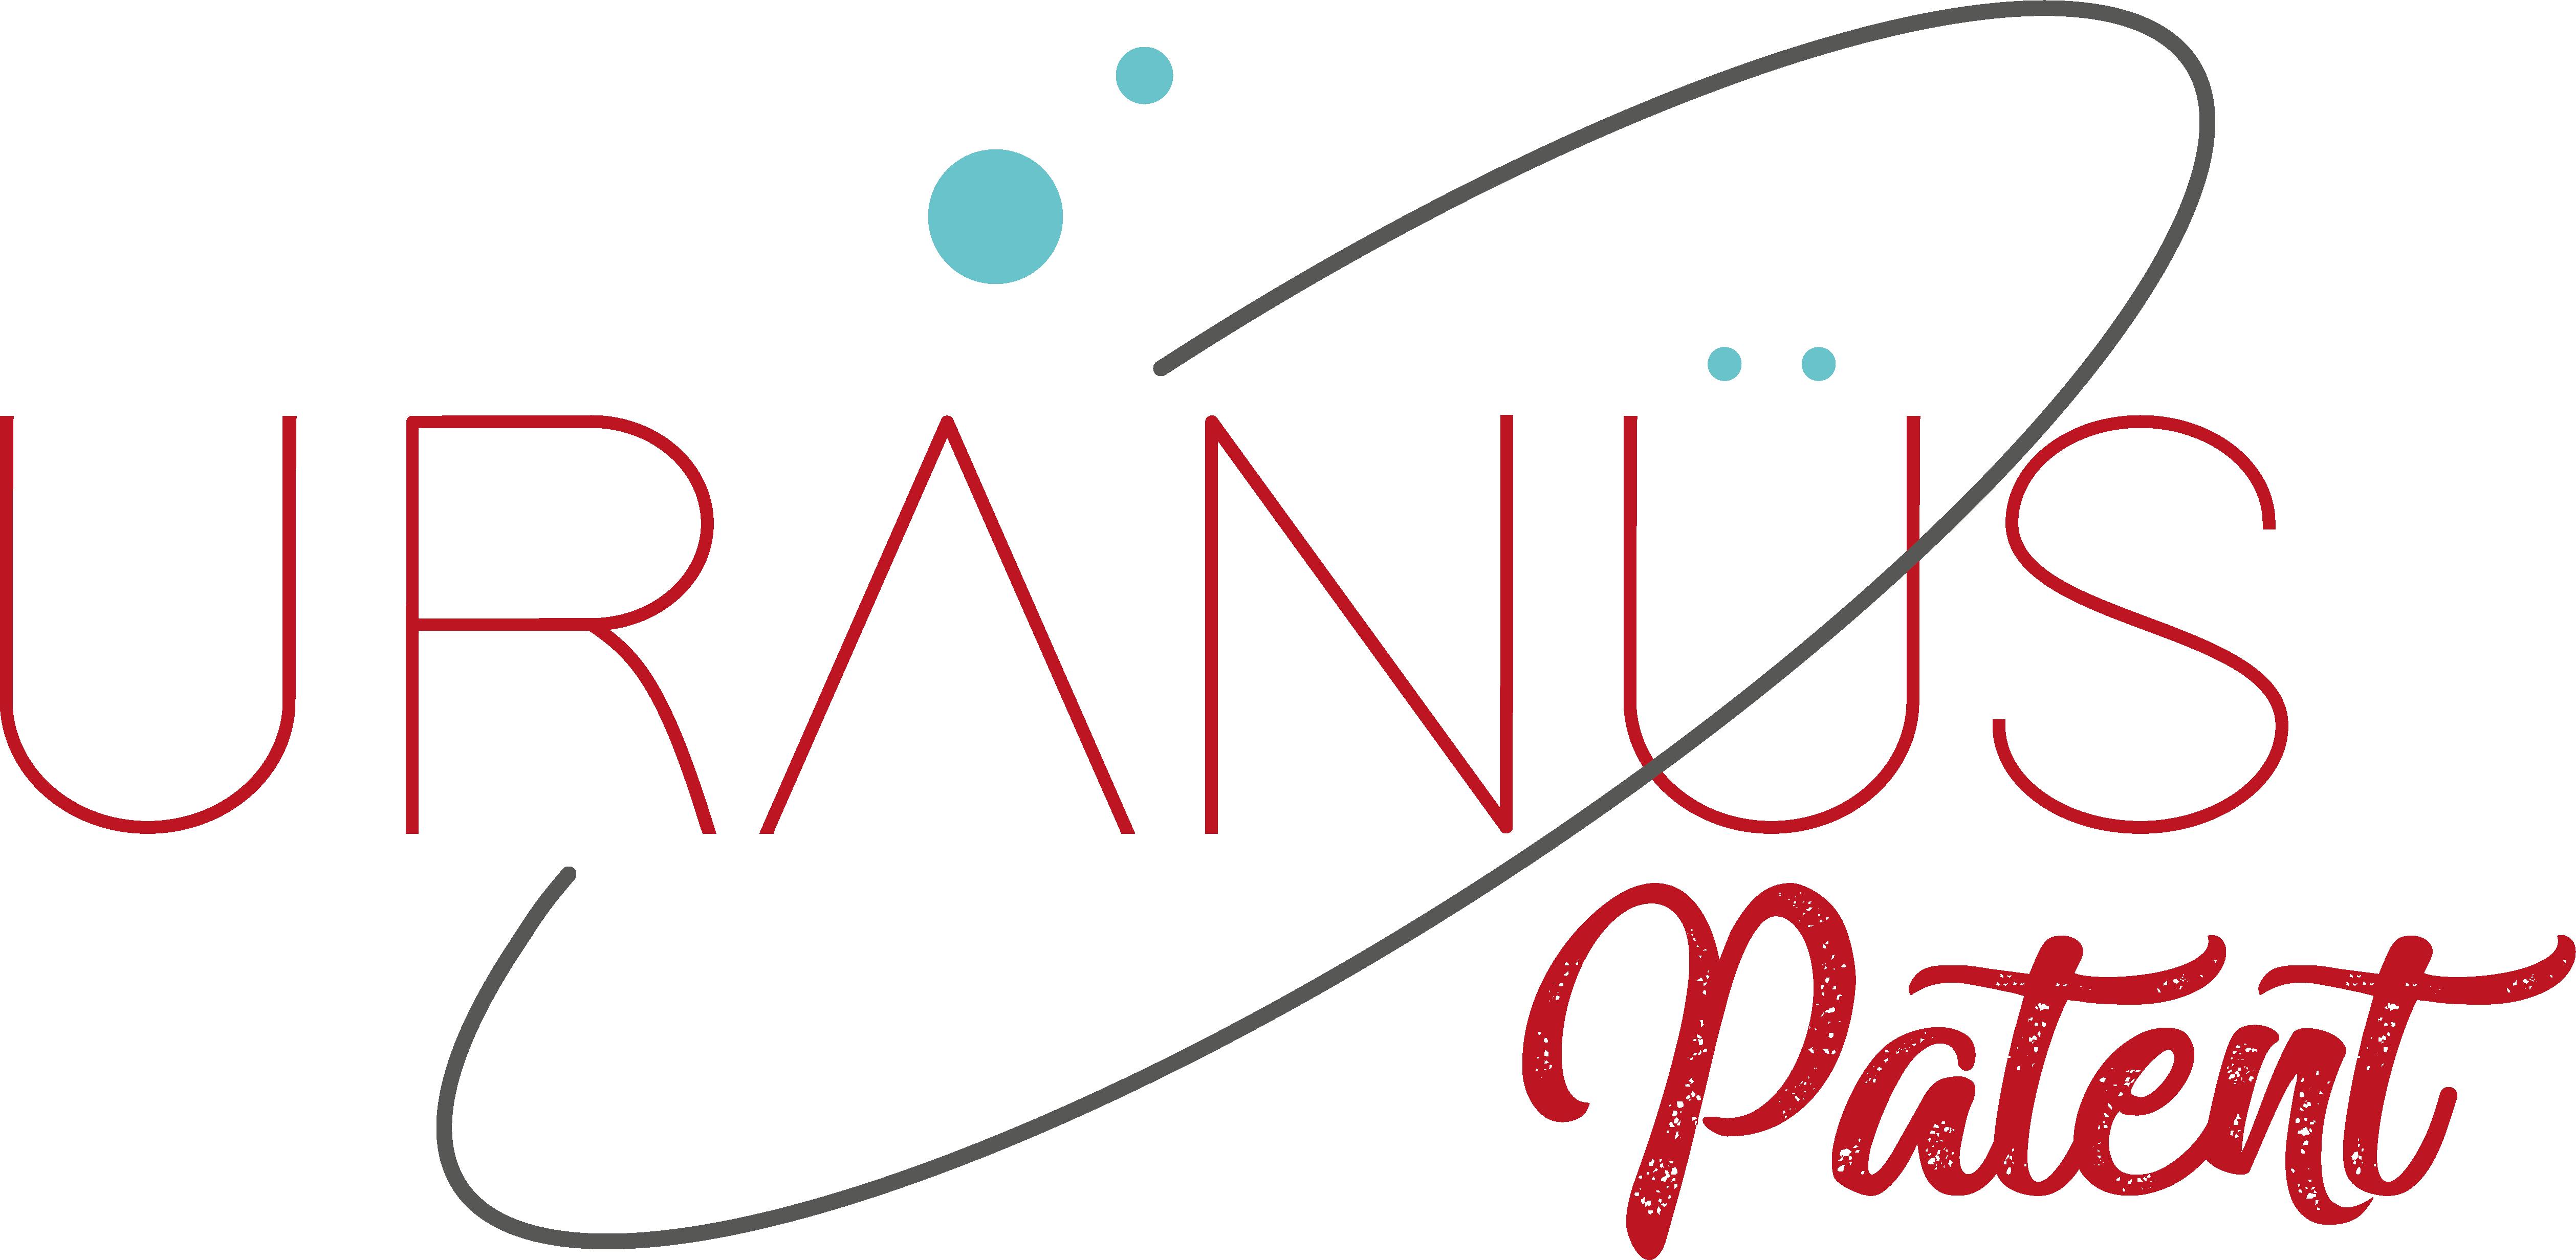 Uranus Patent Logo